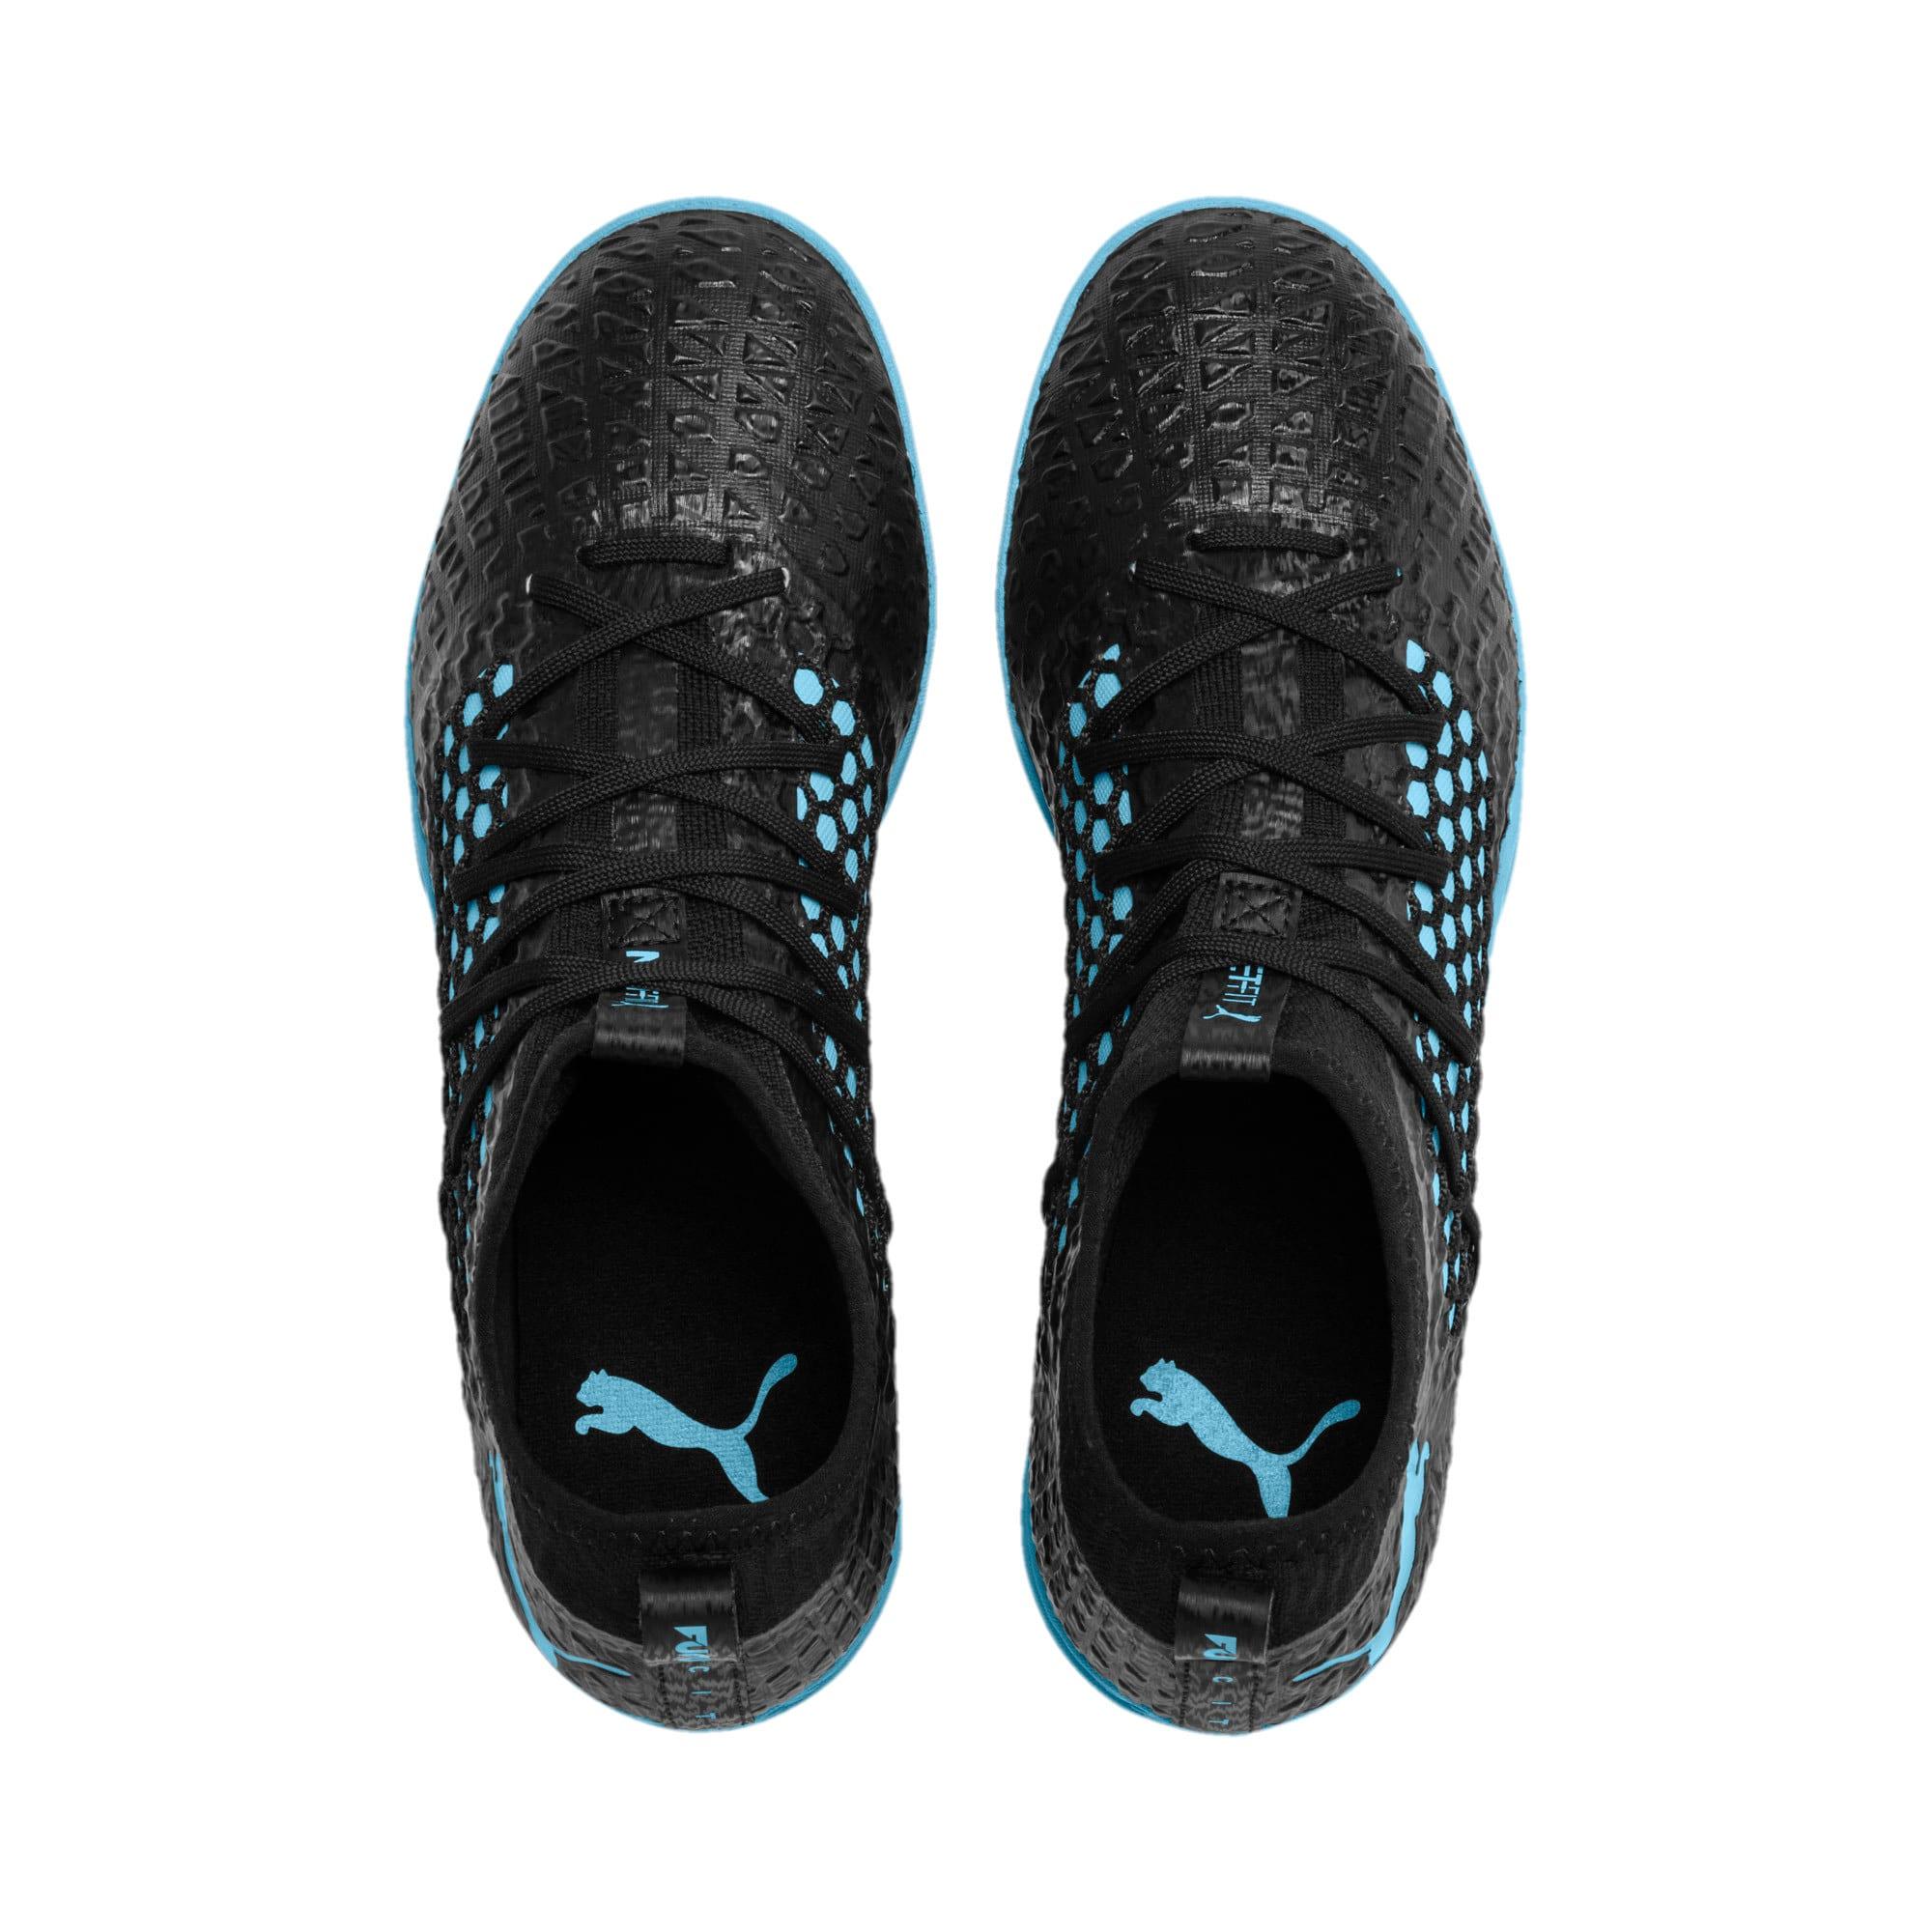 Thumbnail 7 of FUTURE 4.3 NETFIT City TT Men's Soccer Shoes, Black-Sky Blue-Puma White, medium